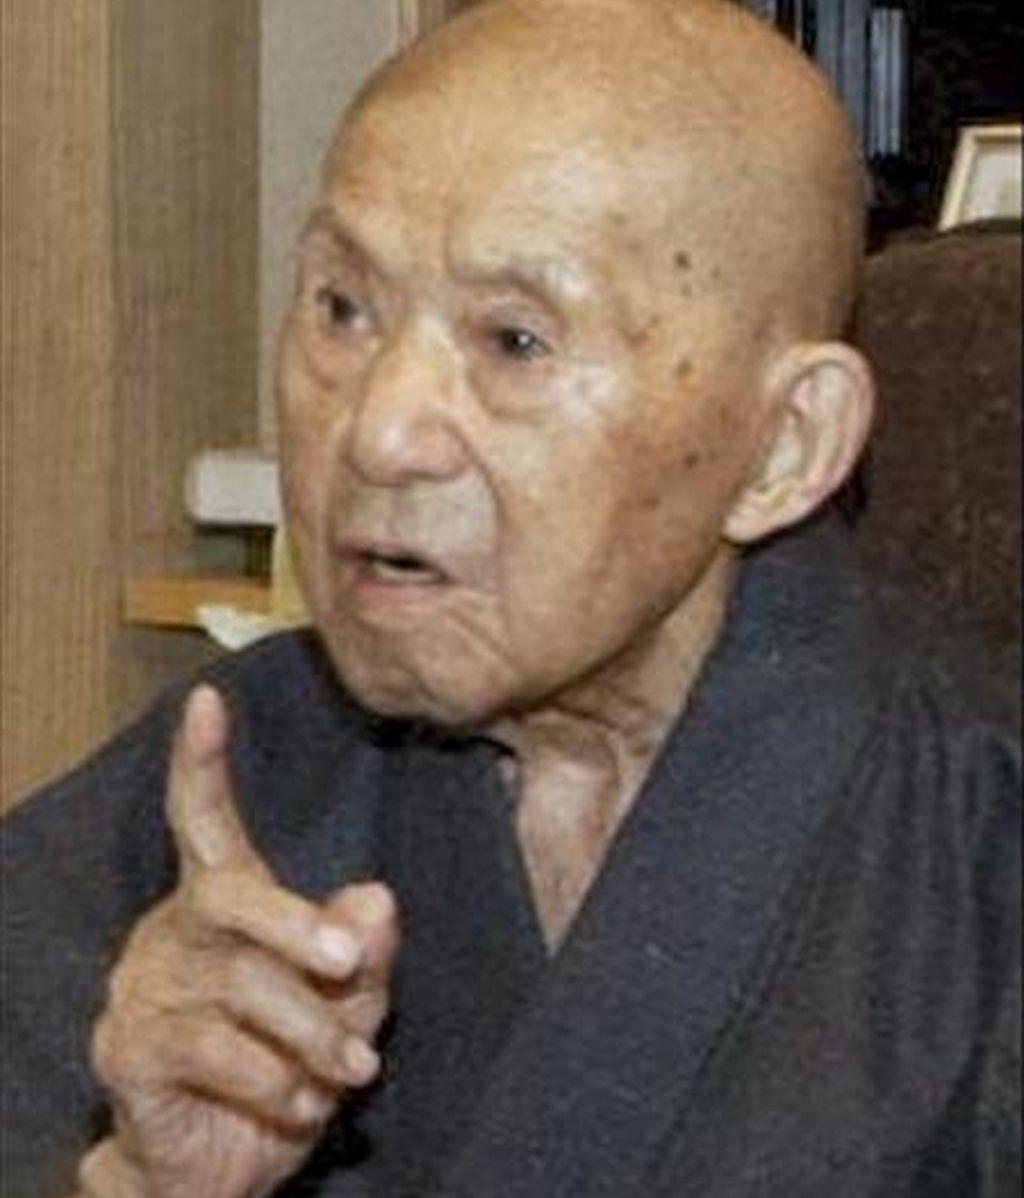 Foto de archivo, tomada el 18 de septiembre de 2008, que muestra a Tomoji Tanabe hablando con un periodista durante su 113 cumpleaños en Miyakonojo, provincia de Miyazaki, sur de Japón. El hombre más anciano del mundo murió hoy 19 de junio. Tanabe, que nació en 1895, tuvo ocho hijos, 25 nietos, 53 bisnietos y seis tataranietos. EFE/Str/Archivo